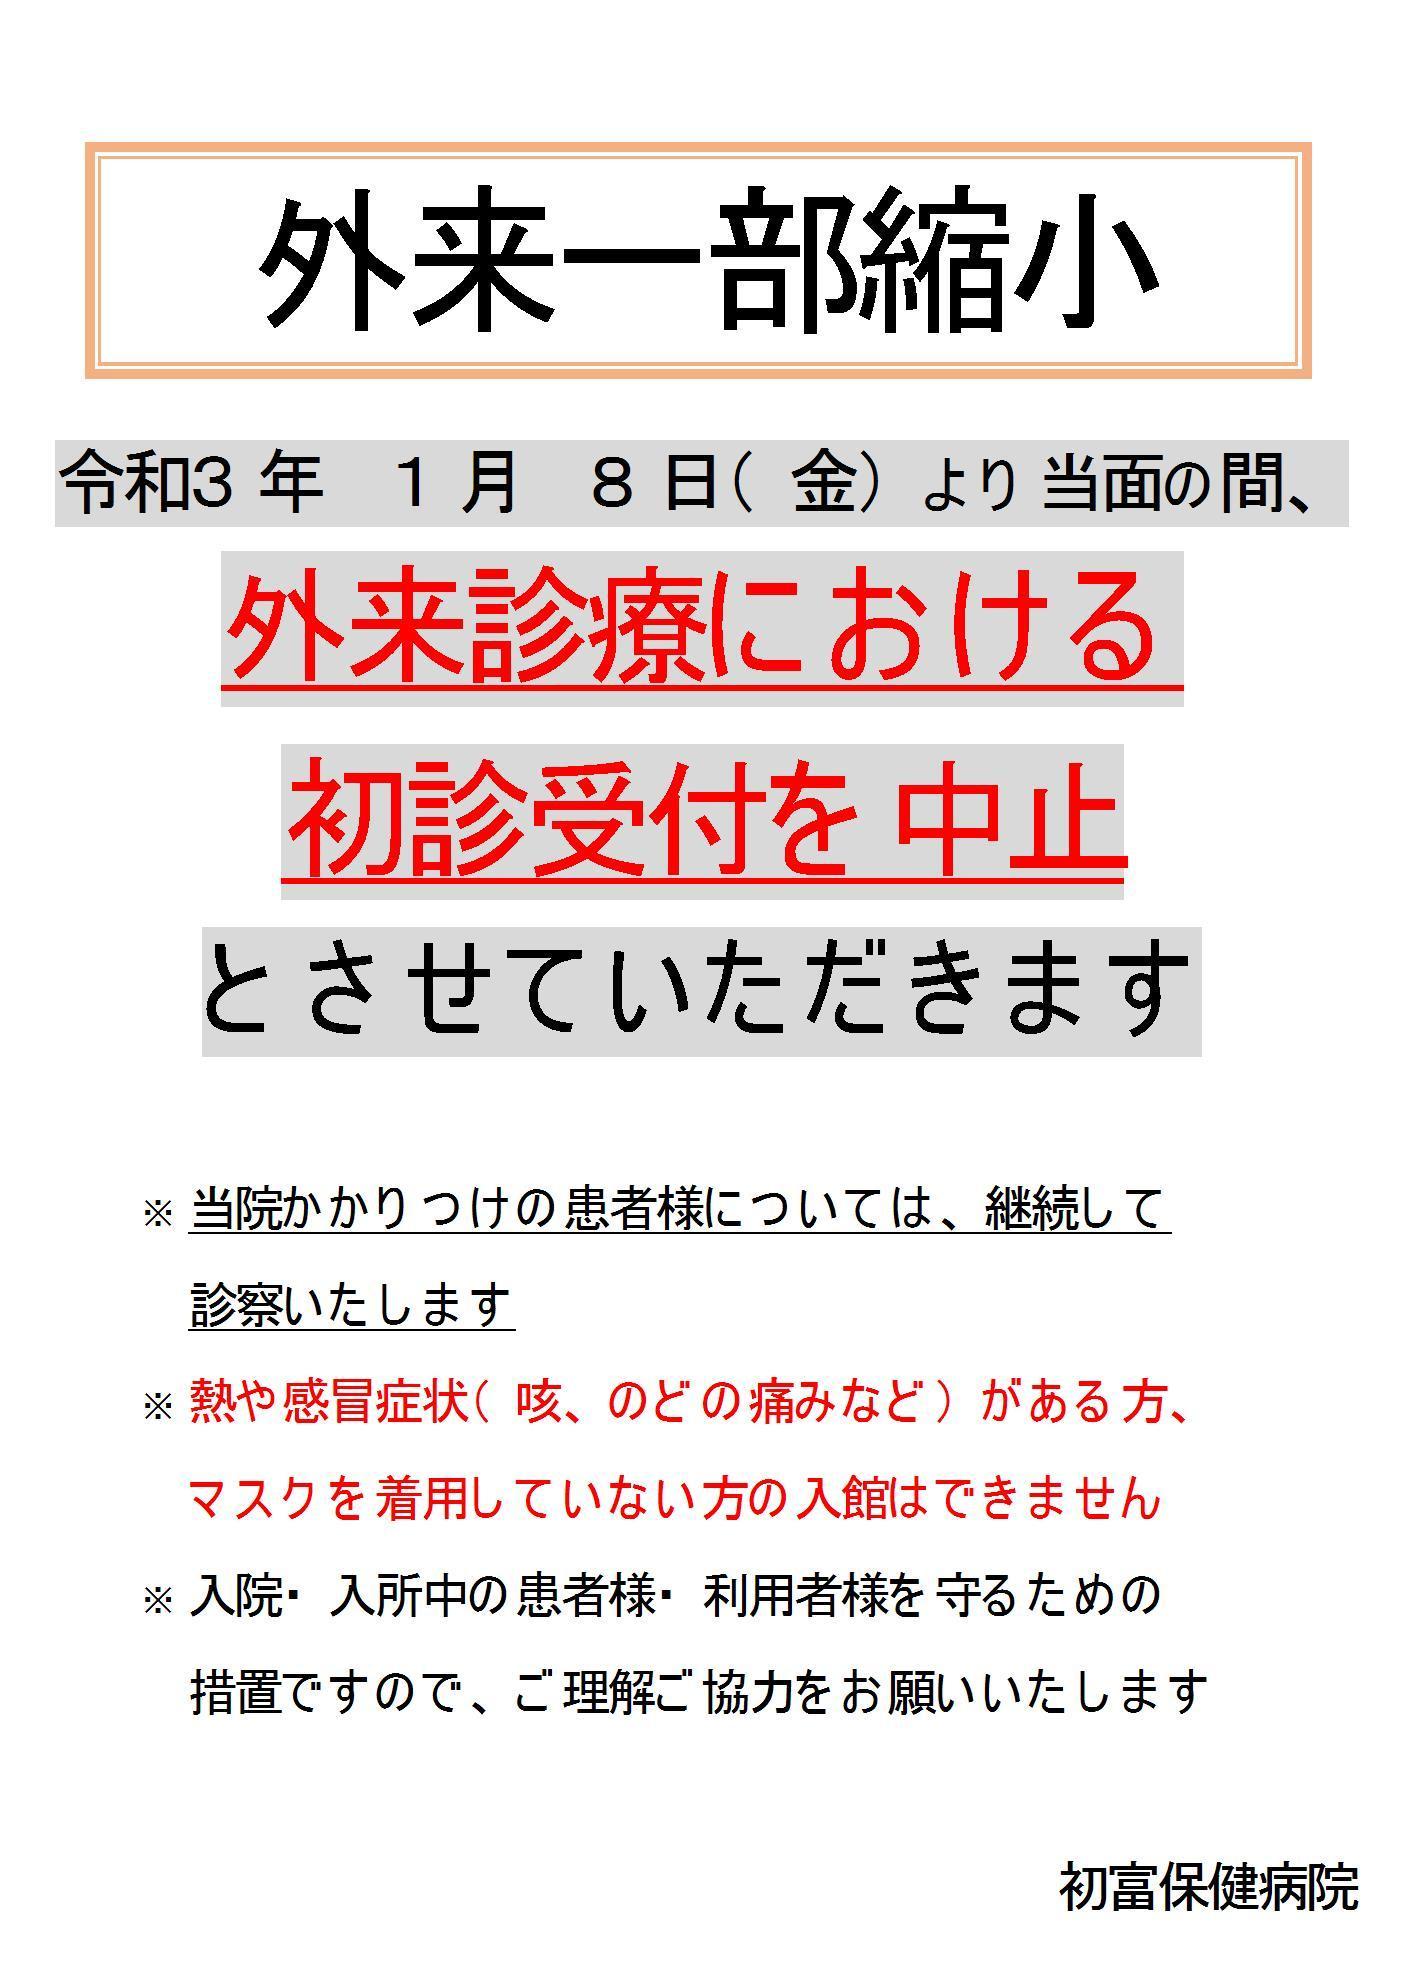 外来一部縮小PDF-1.jpg